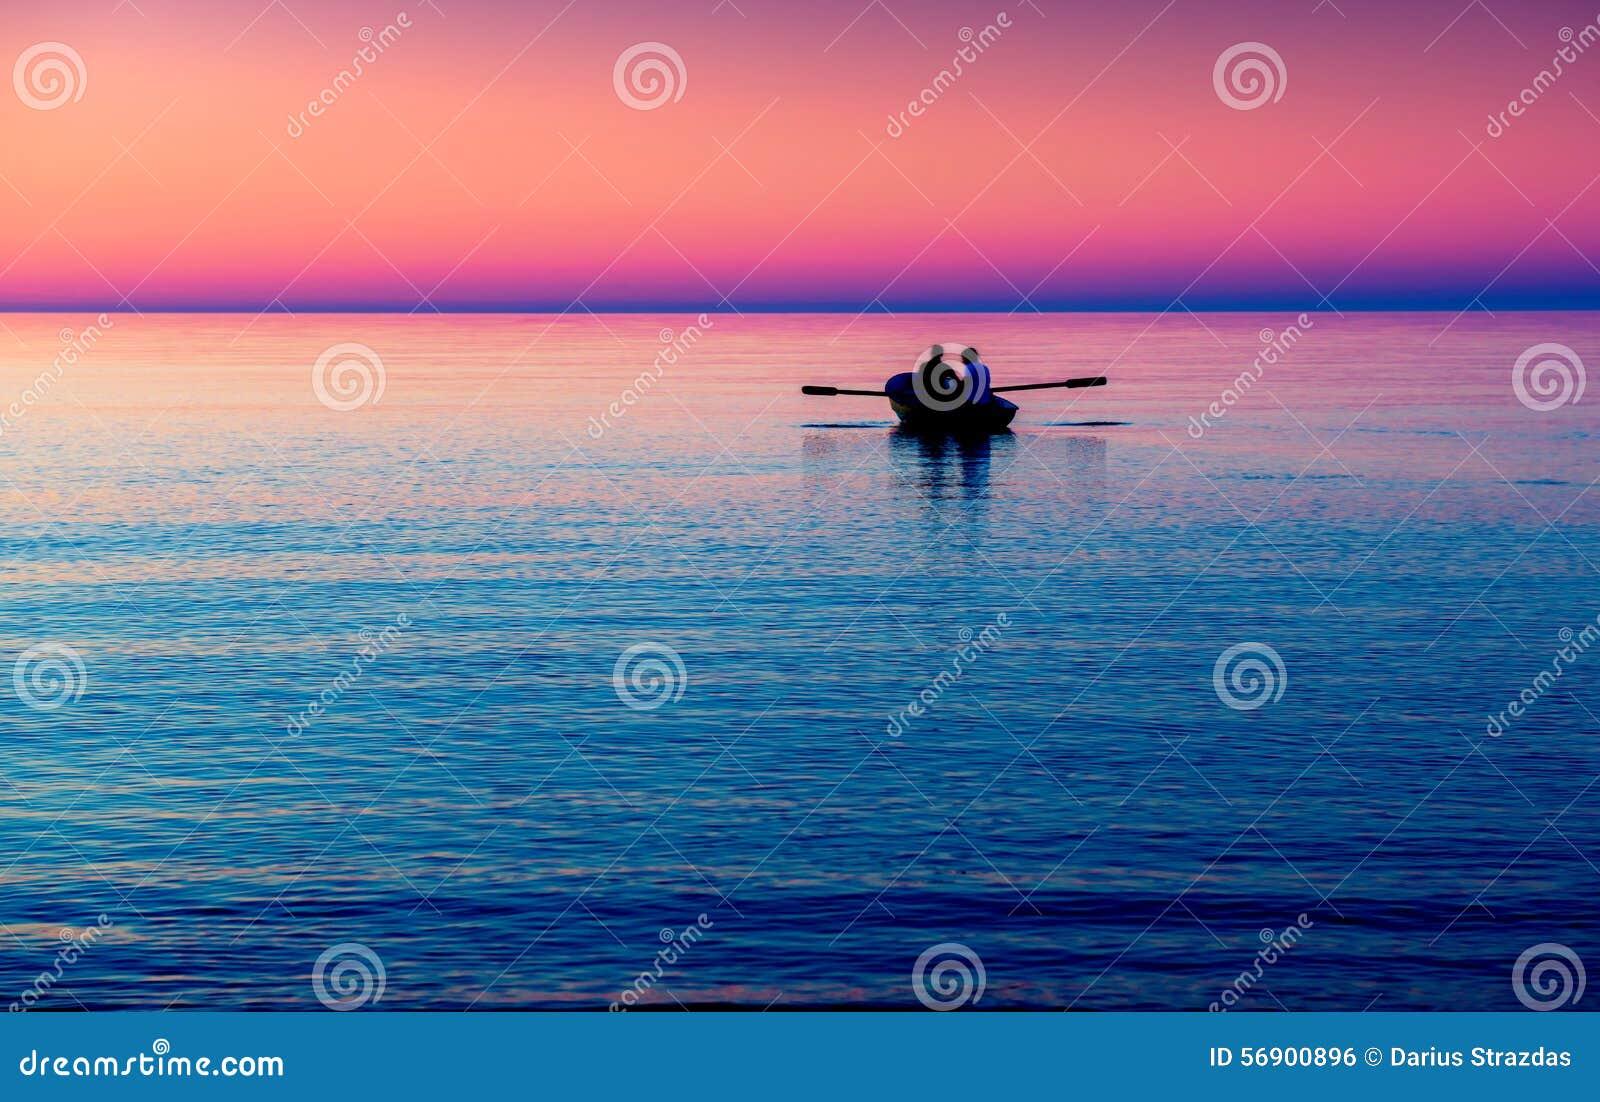 Zeegezicht met boot in purple